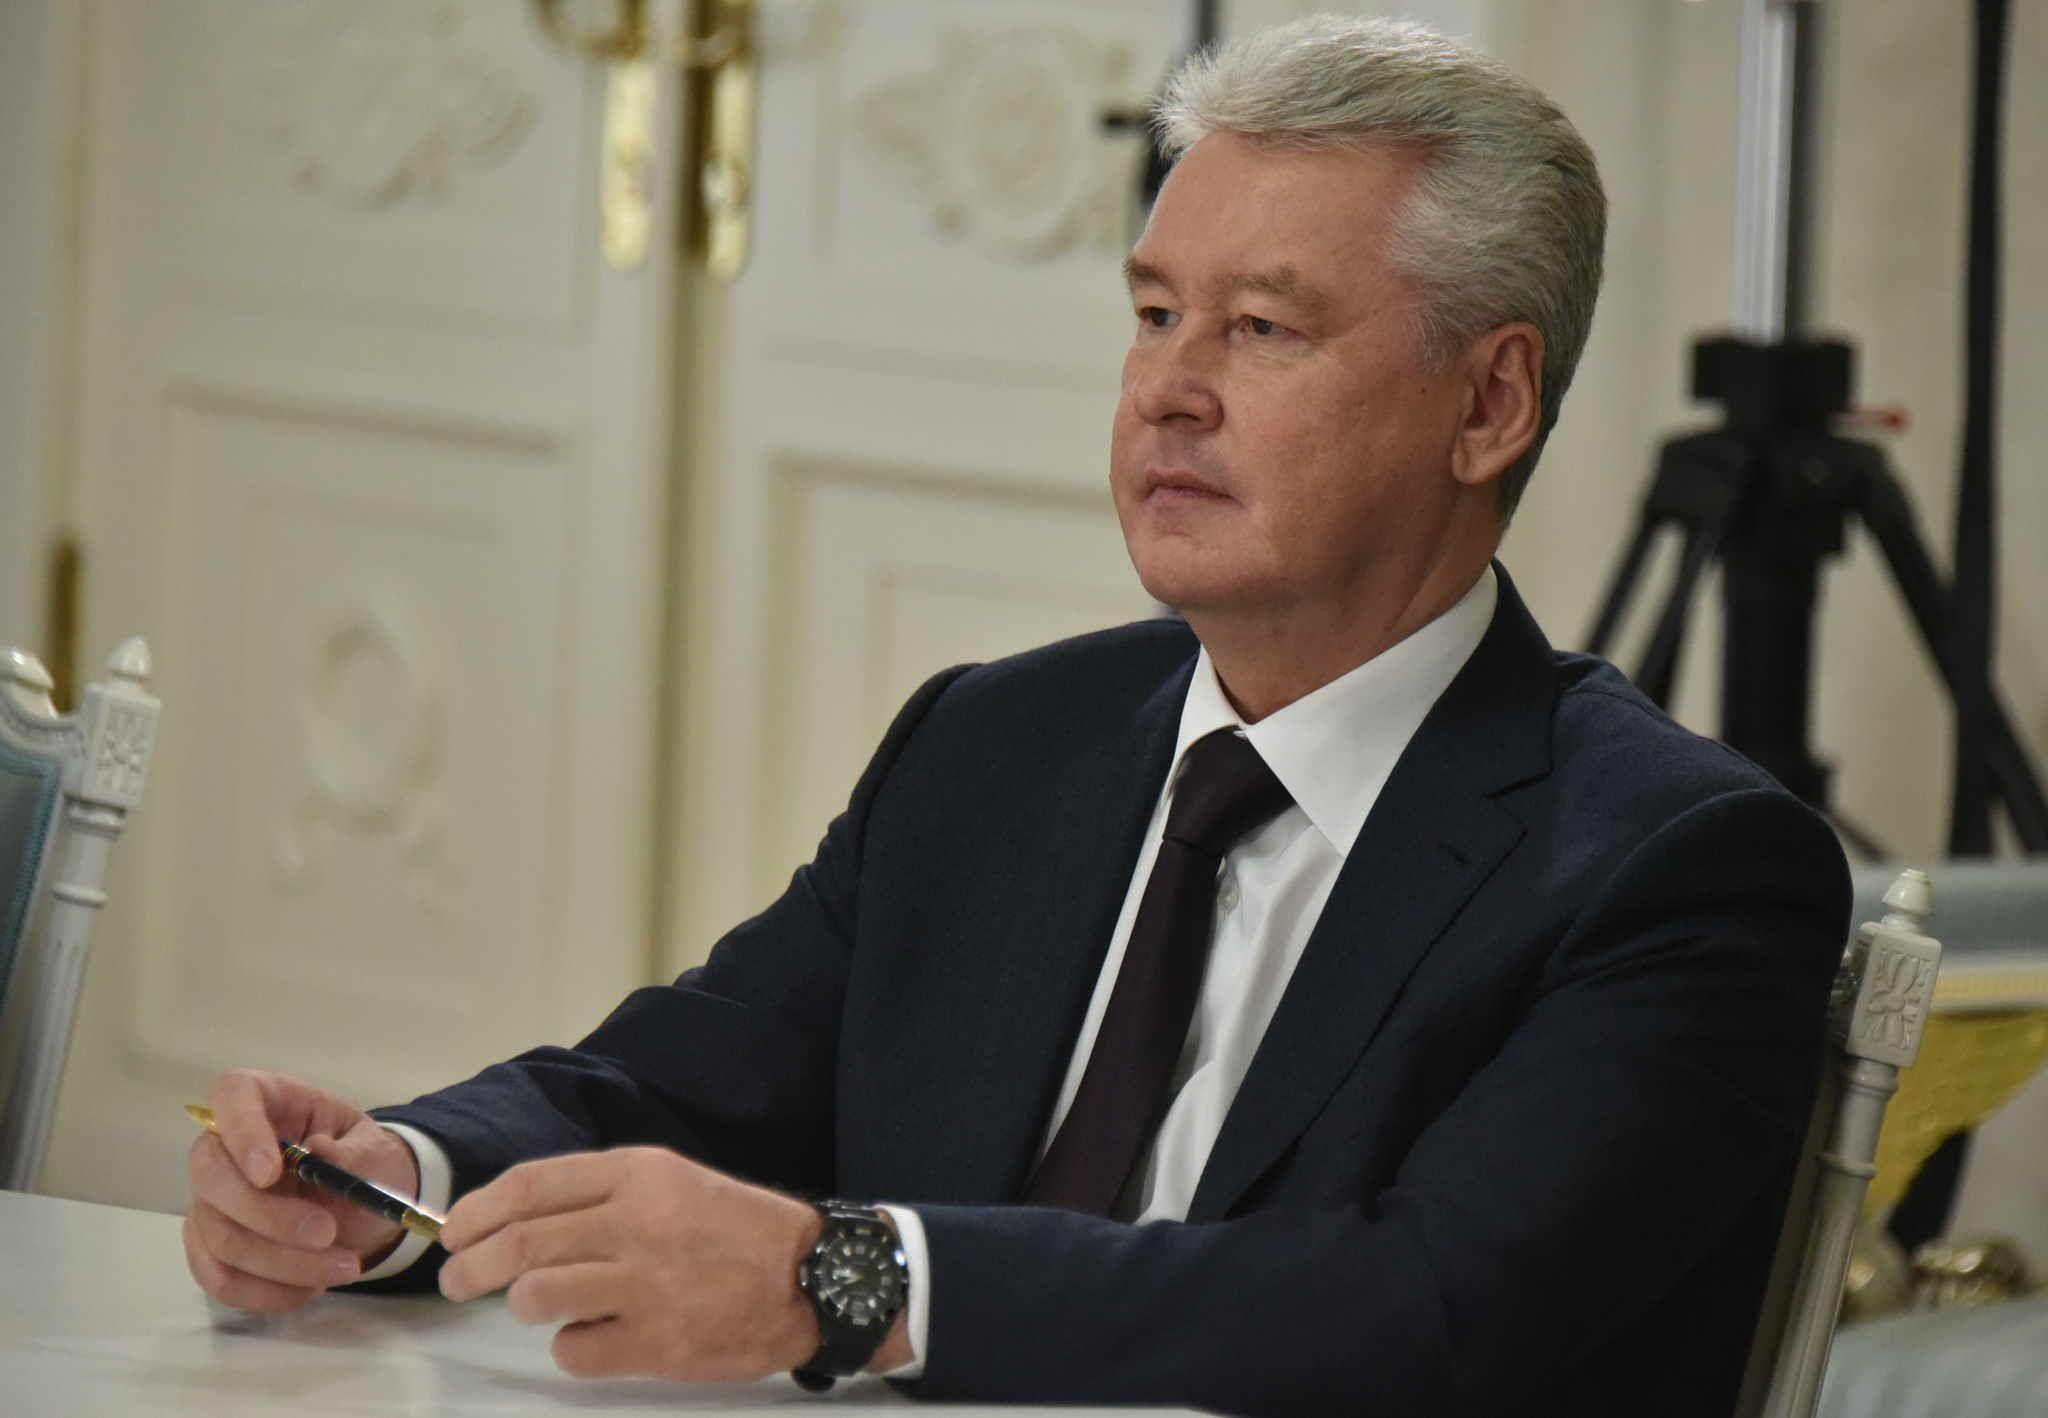 Сергей Собянин объявил о повышении доплат к московским пенсиям